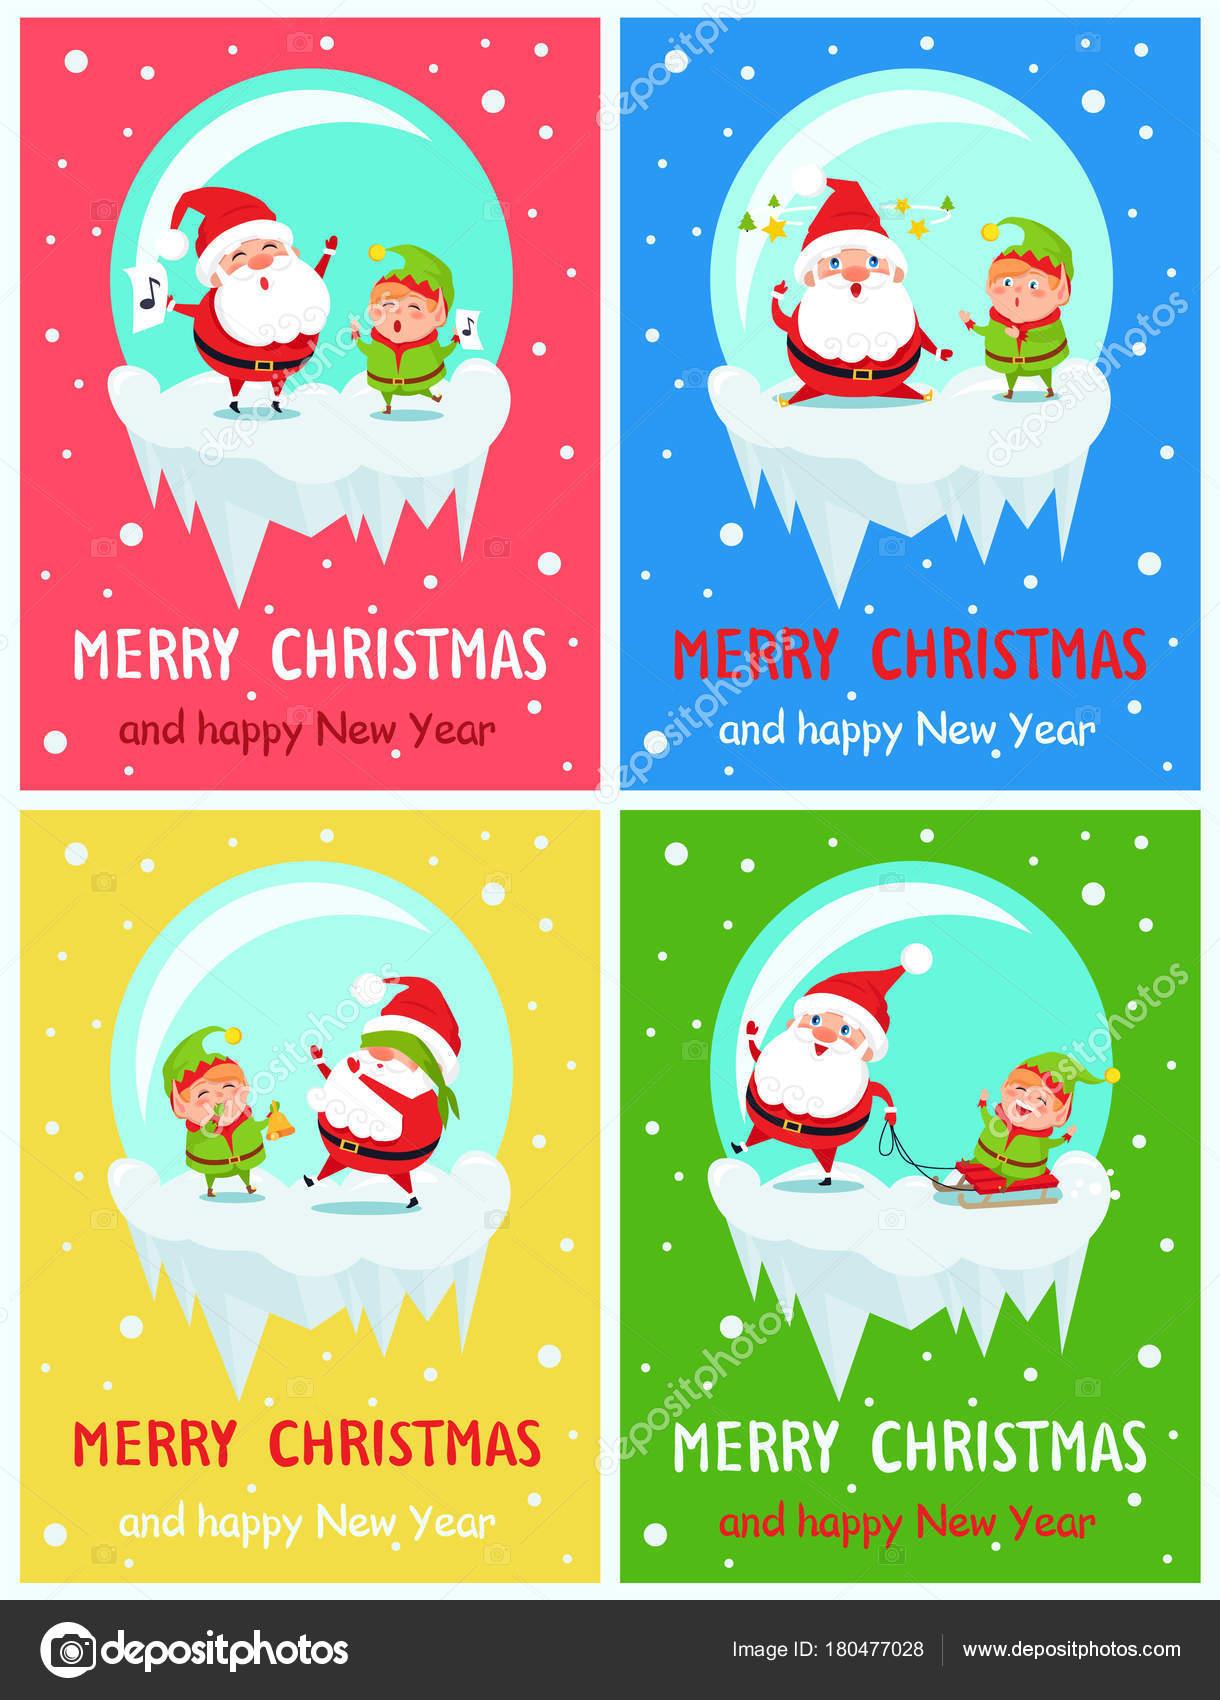 Auguri Di Buon Natale E Felice Anno Nuovo Canzone.Buon Natale E Felice Anno Nuovo Auguri Vettoriali Stock C Robuart